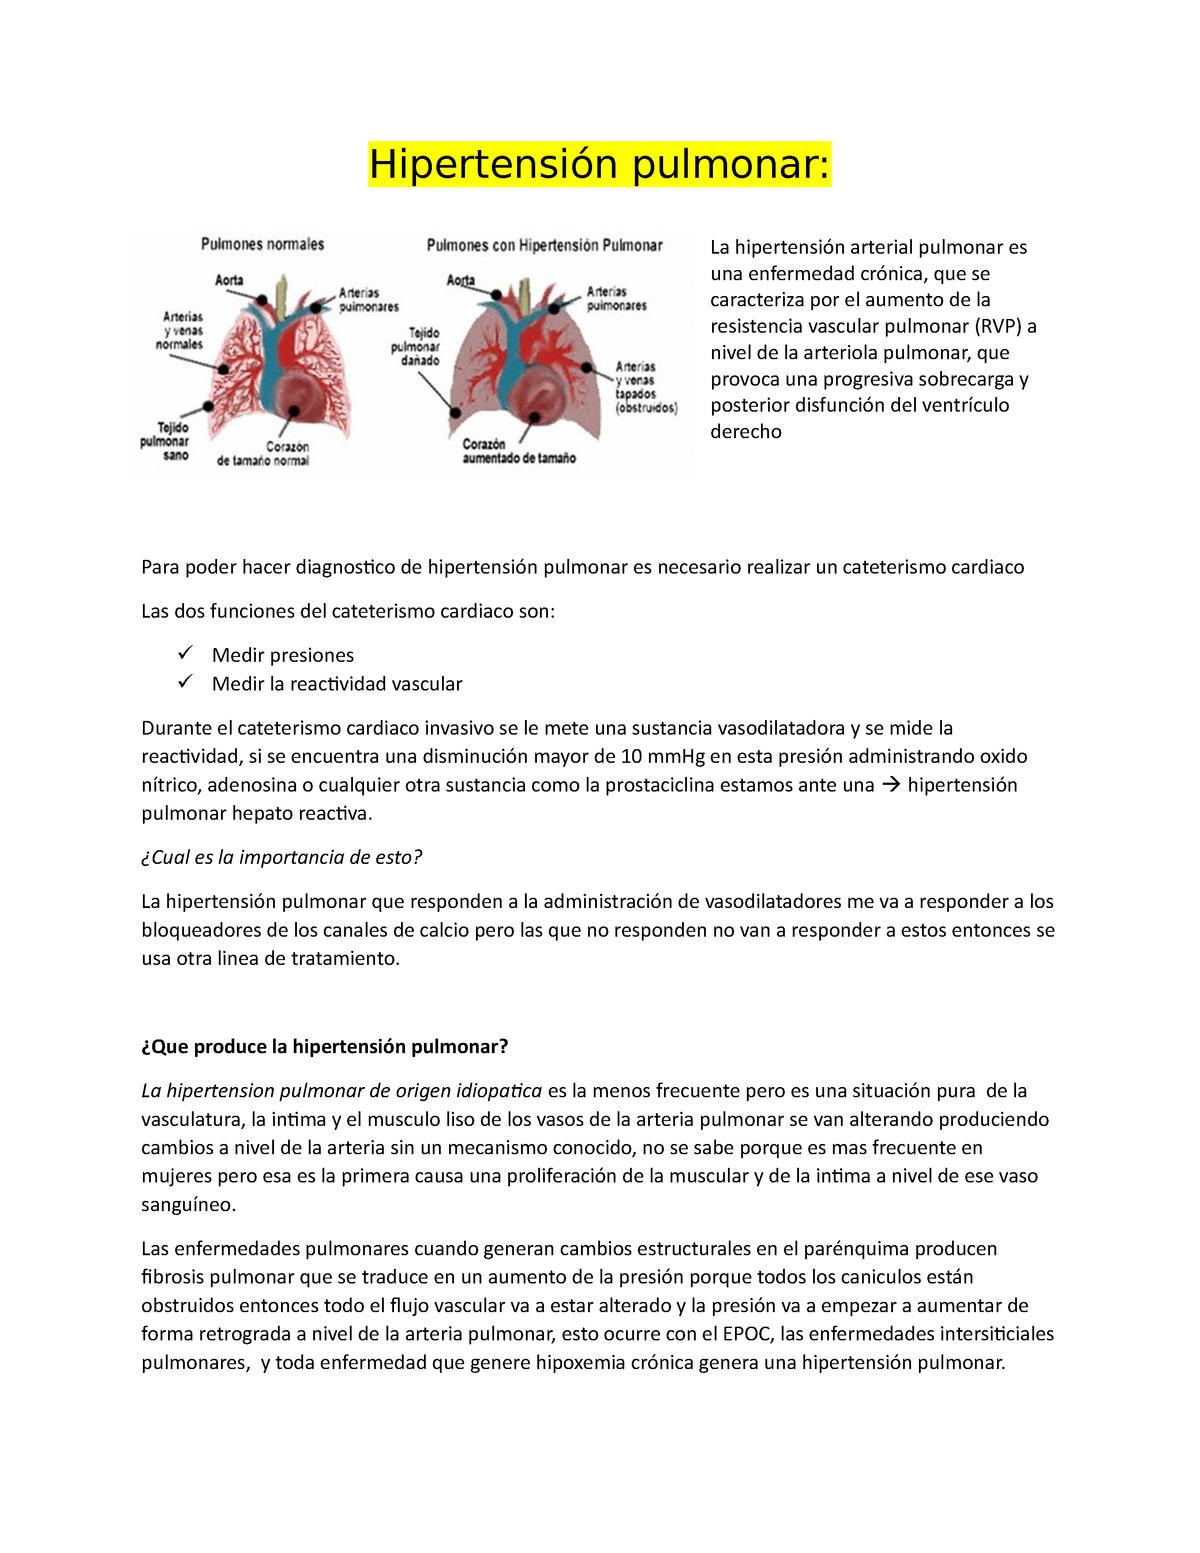 ¿Cómo sé si tengo hipertensión pulmonar?